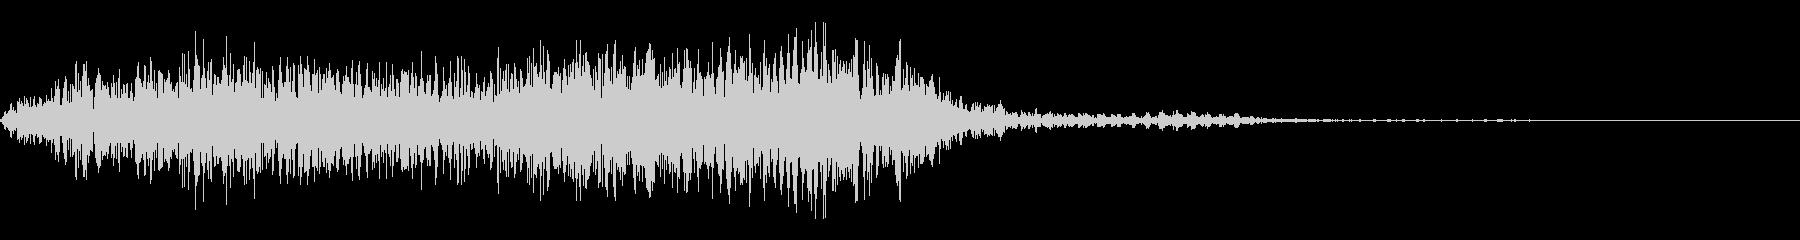 うめき声、化け物A02の未再生の波形